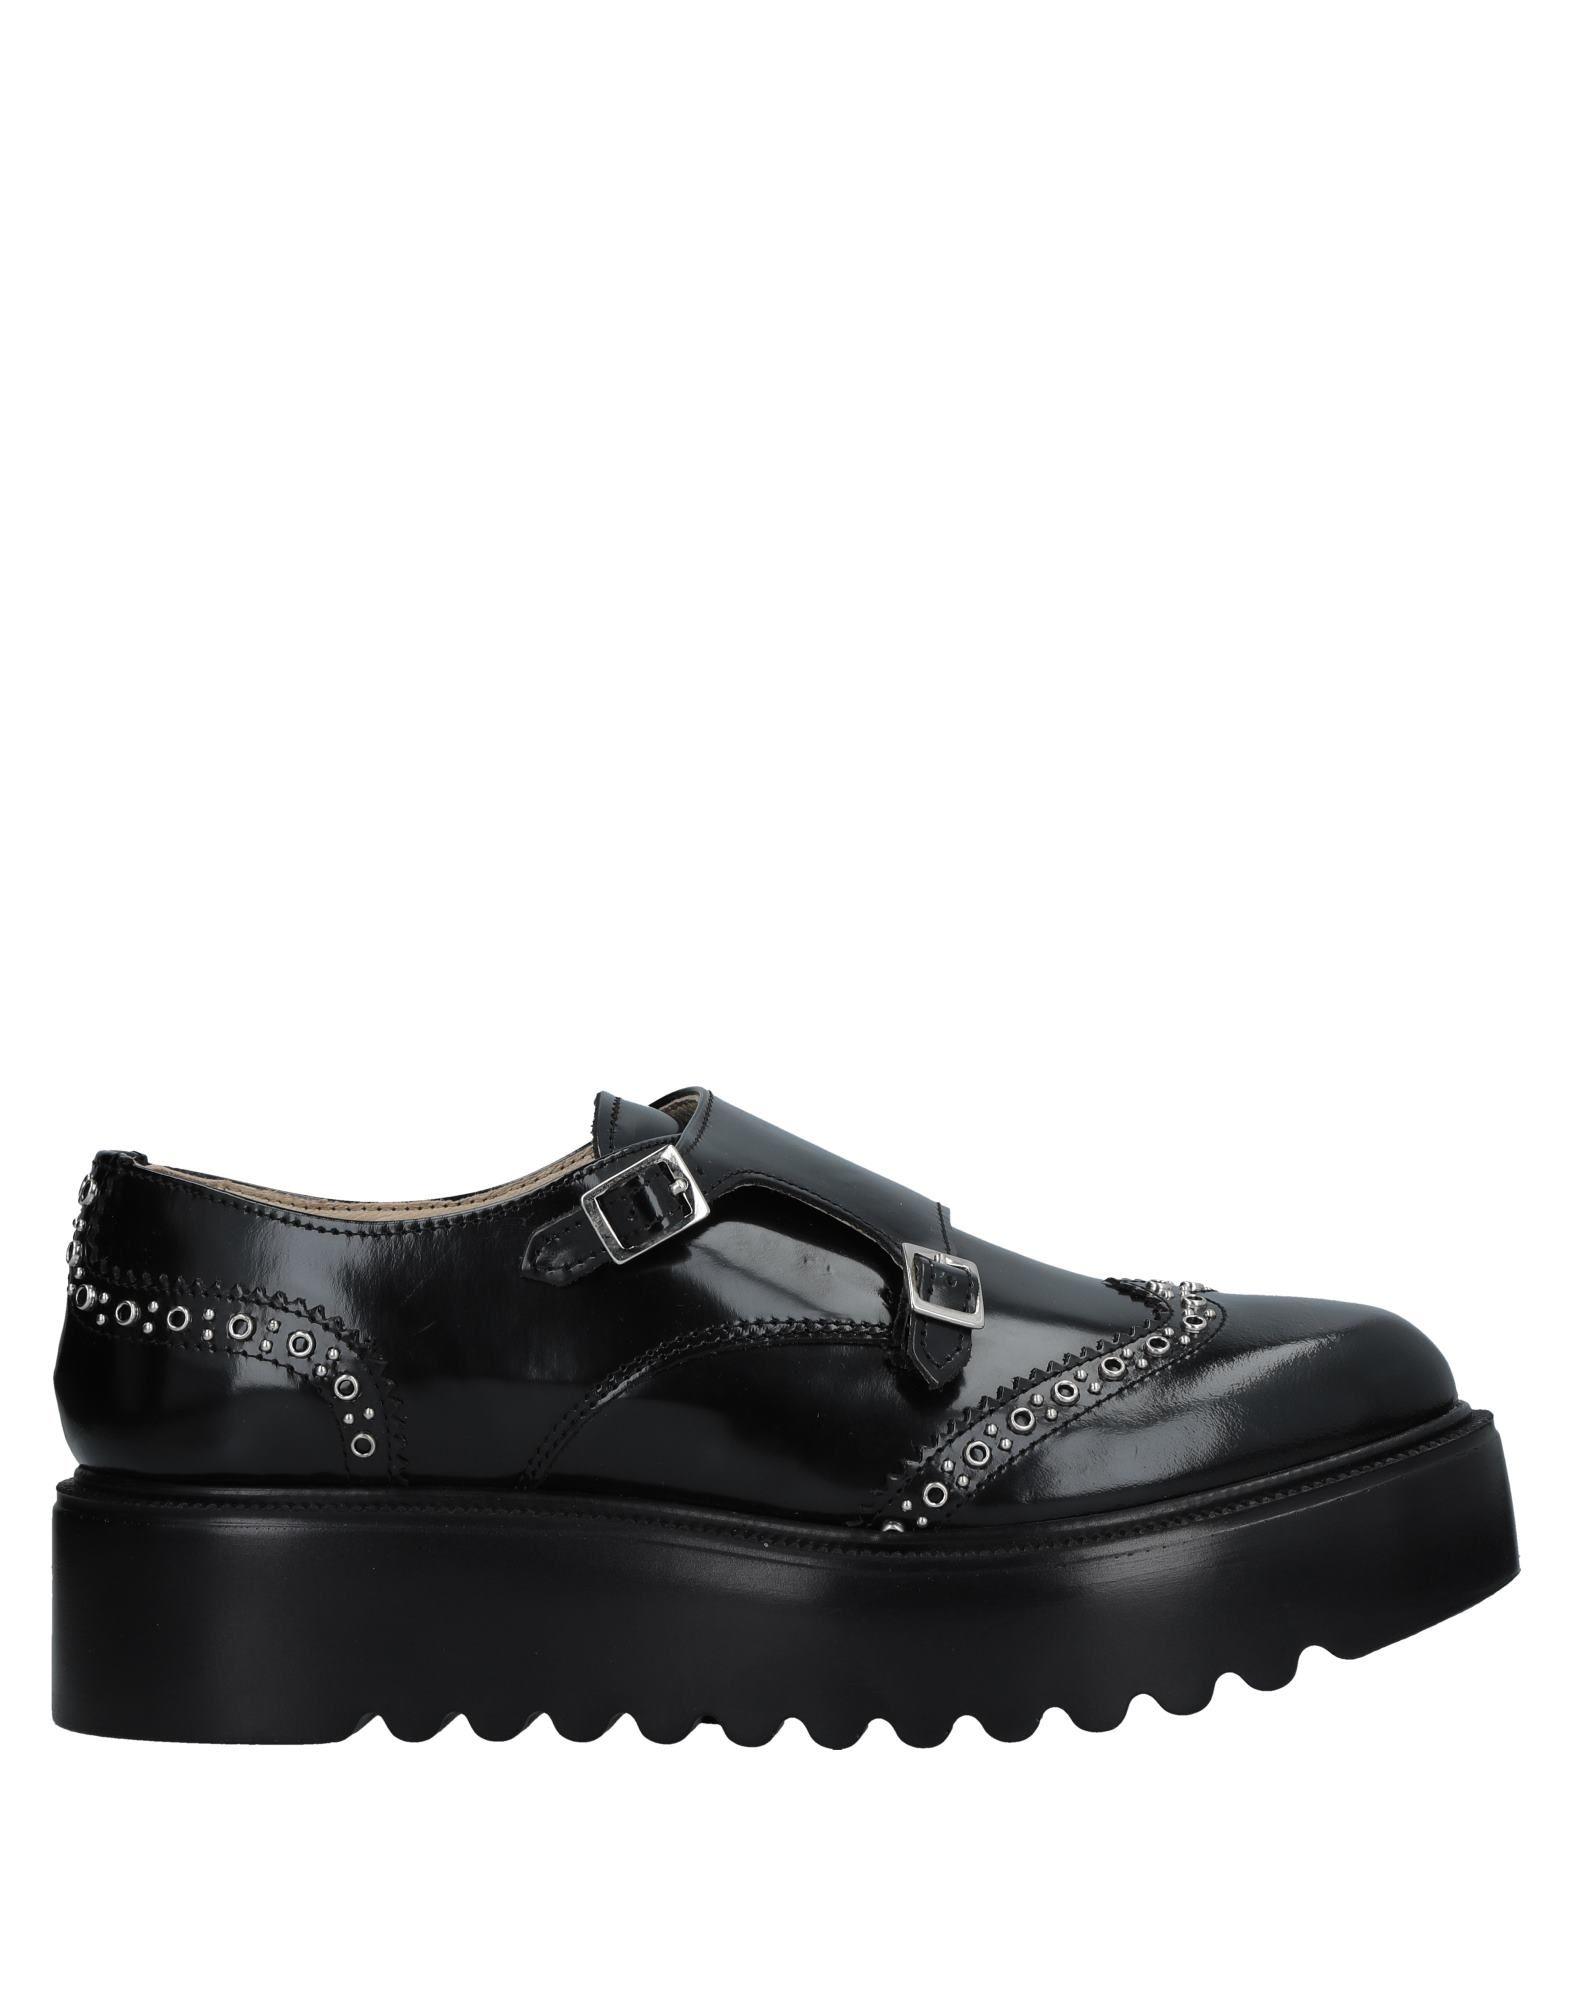 Pinko Mokassins Damen  11522099QN Gute Qualität beliebte Schuhe